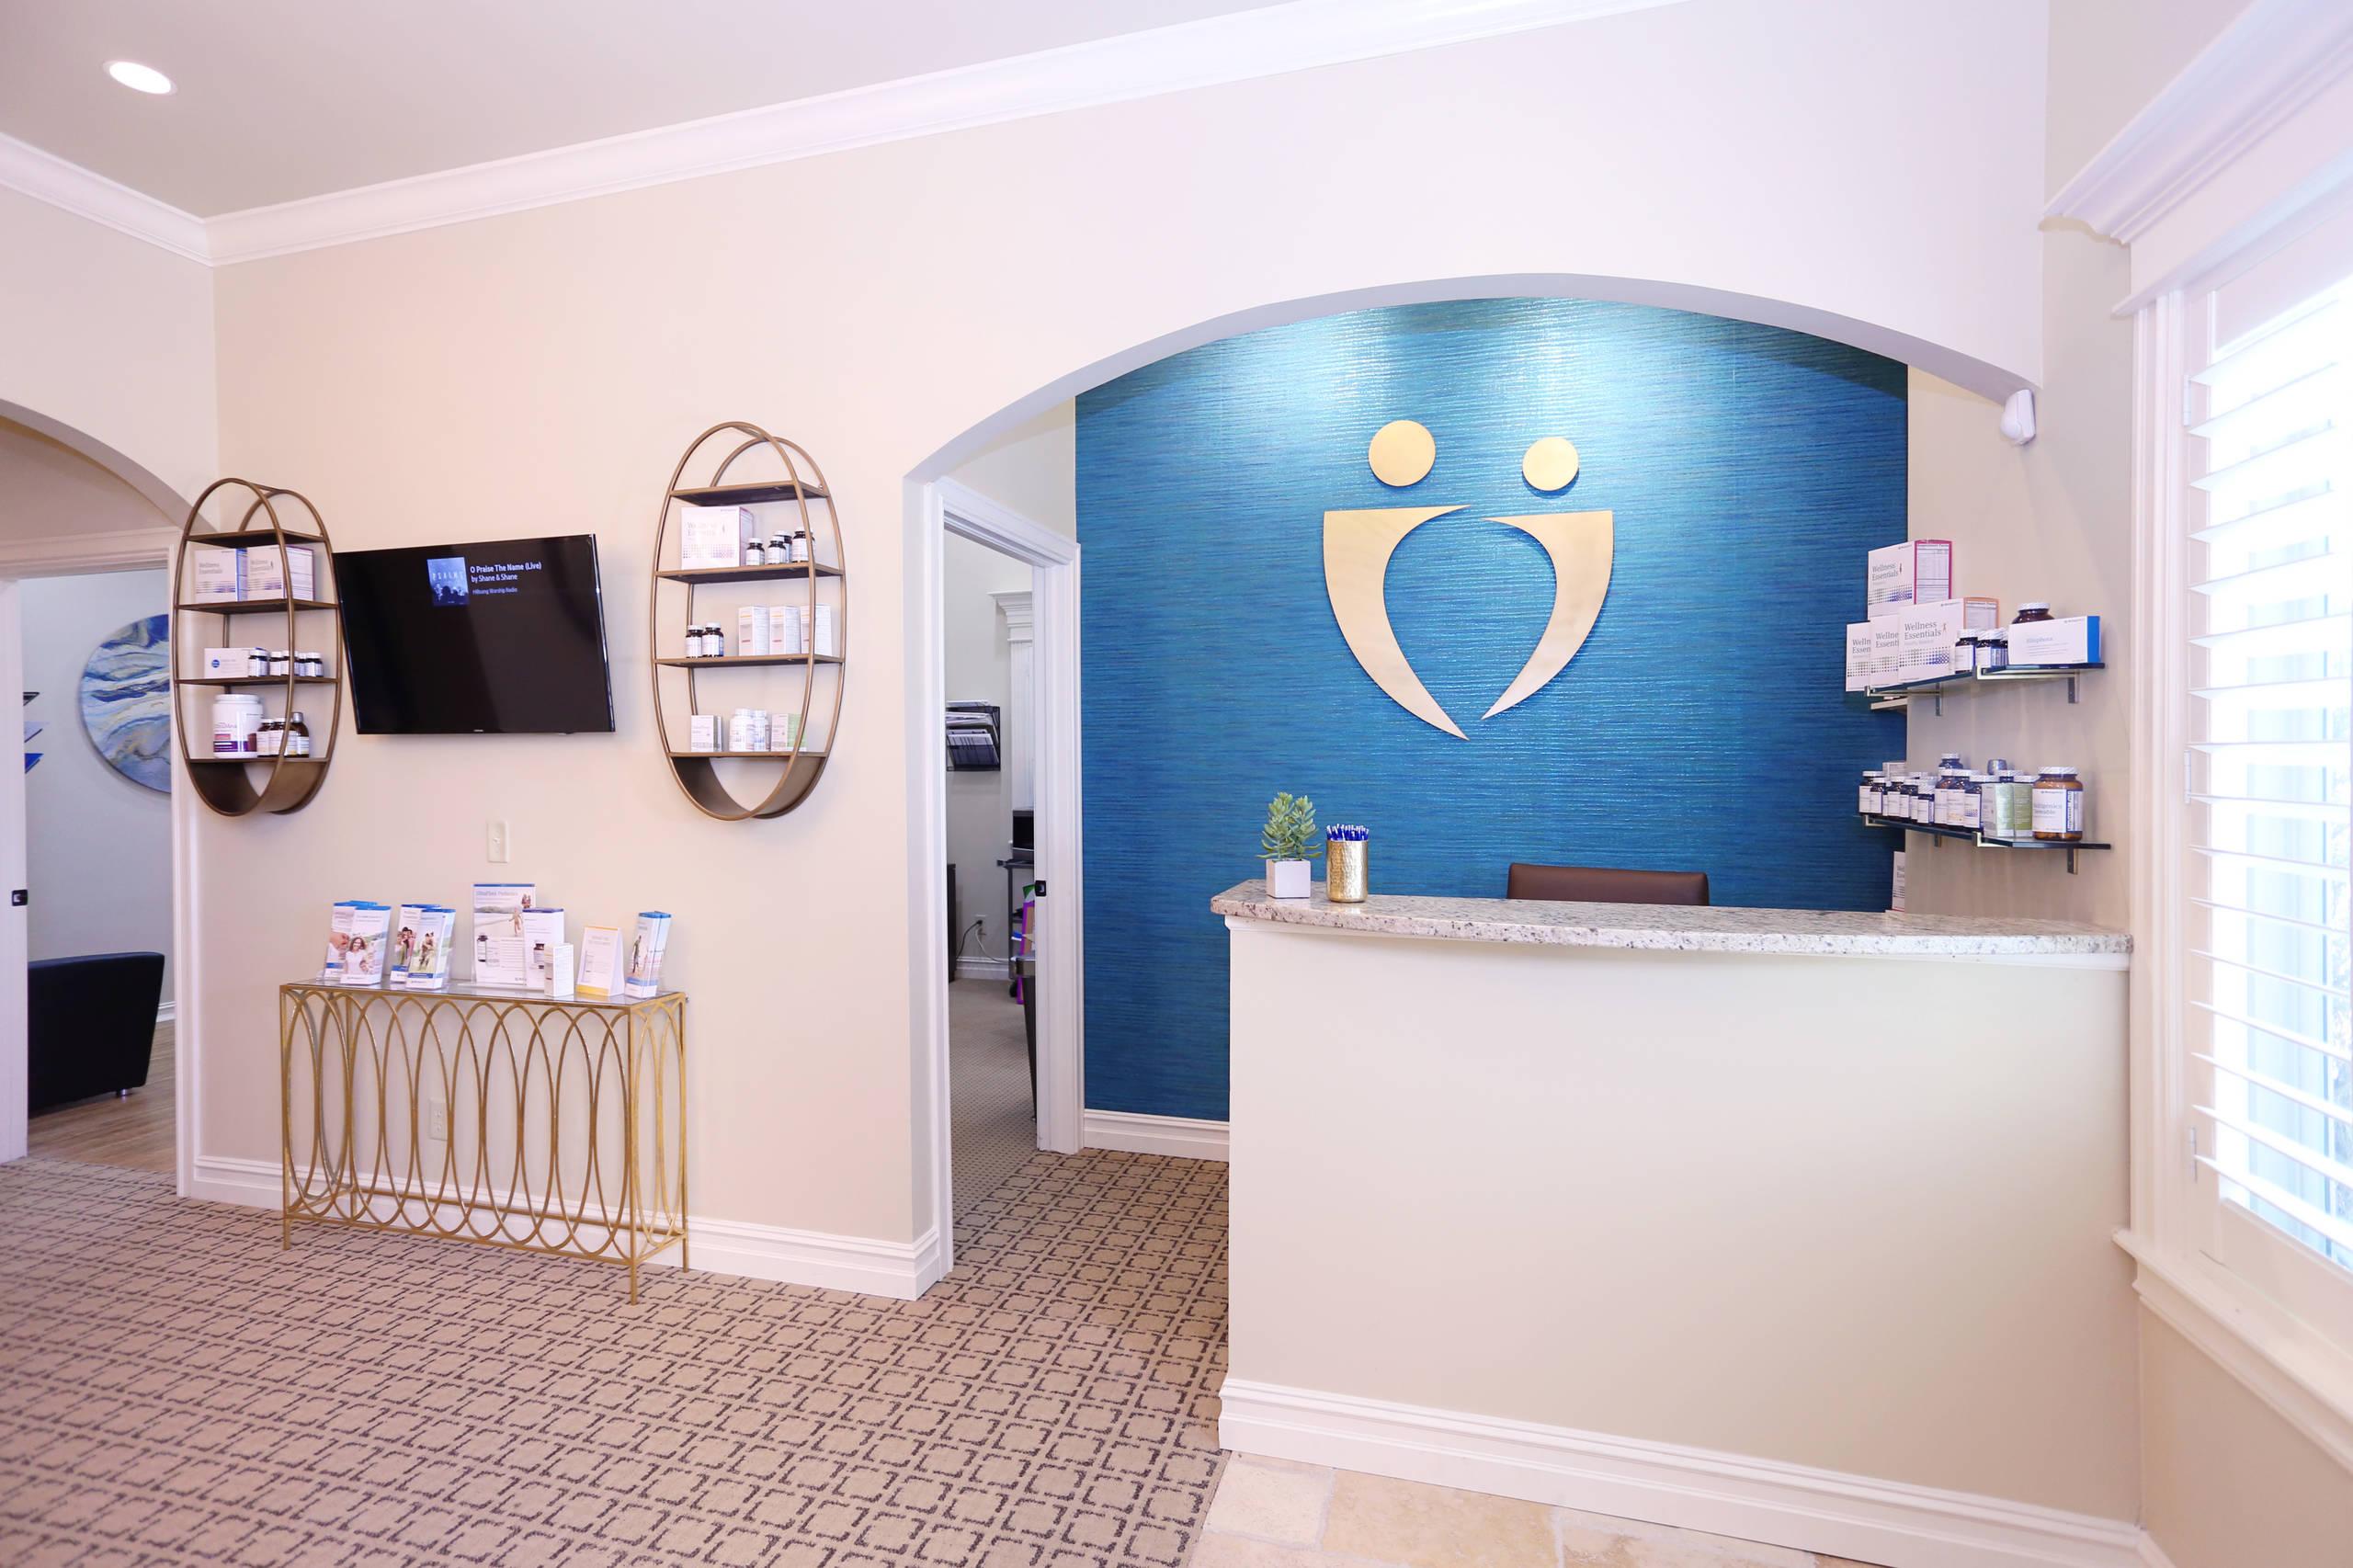 Lobby Design for Ross Medical